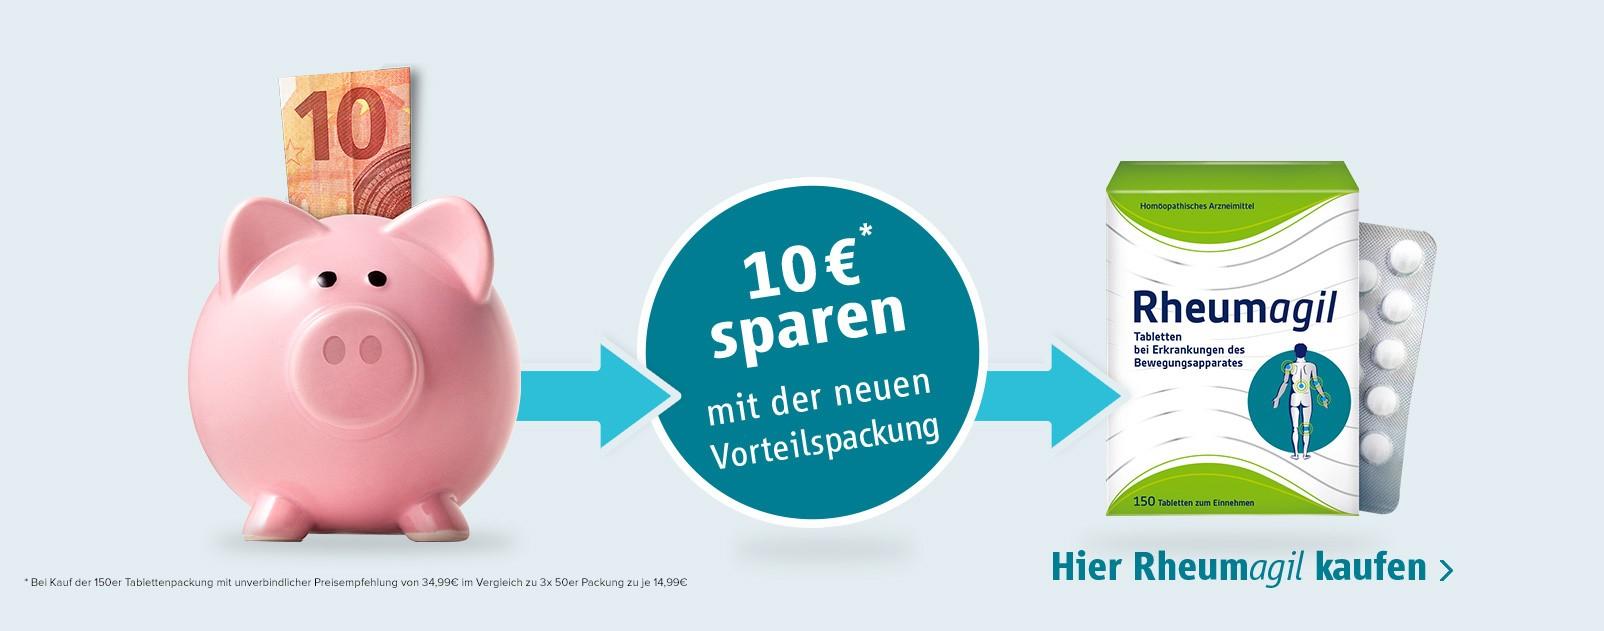 Rheumagil - 10 € sparen